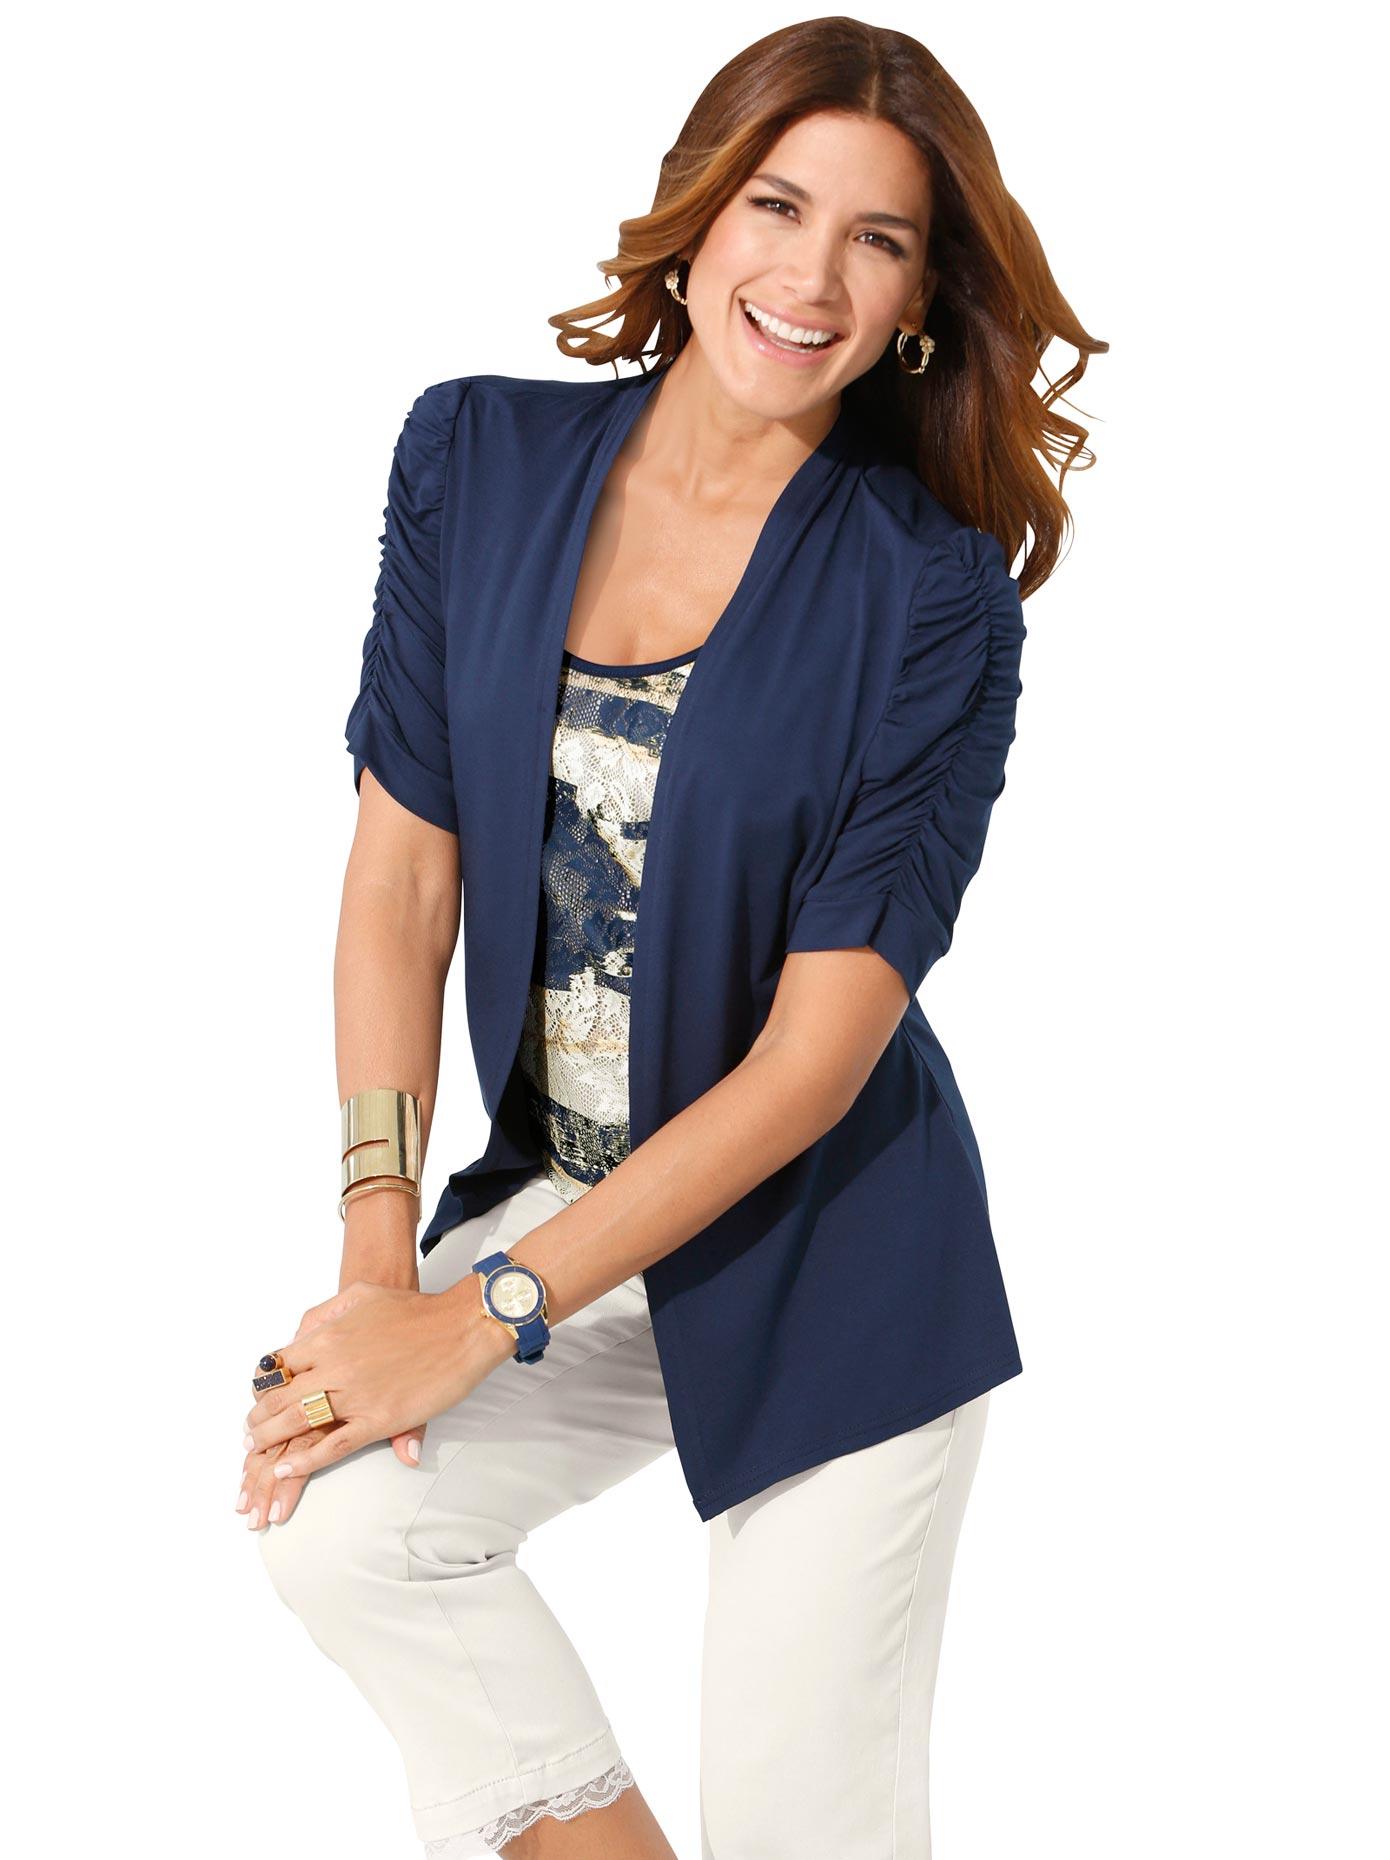 my way FER 2-in-1-Shirt mit gerafften Ärmeln   Bekleidung > Shirts > 2-in-1 Shirts   Lady